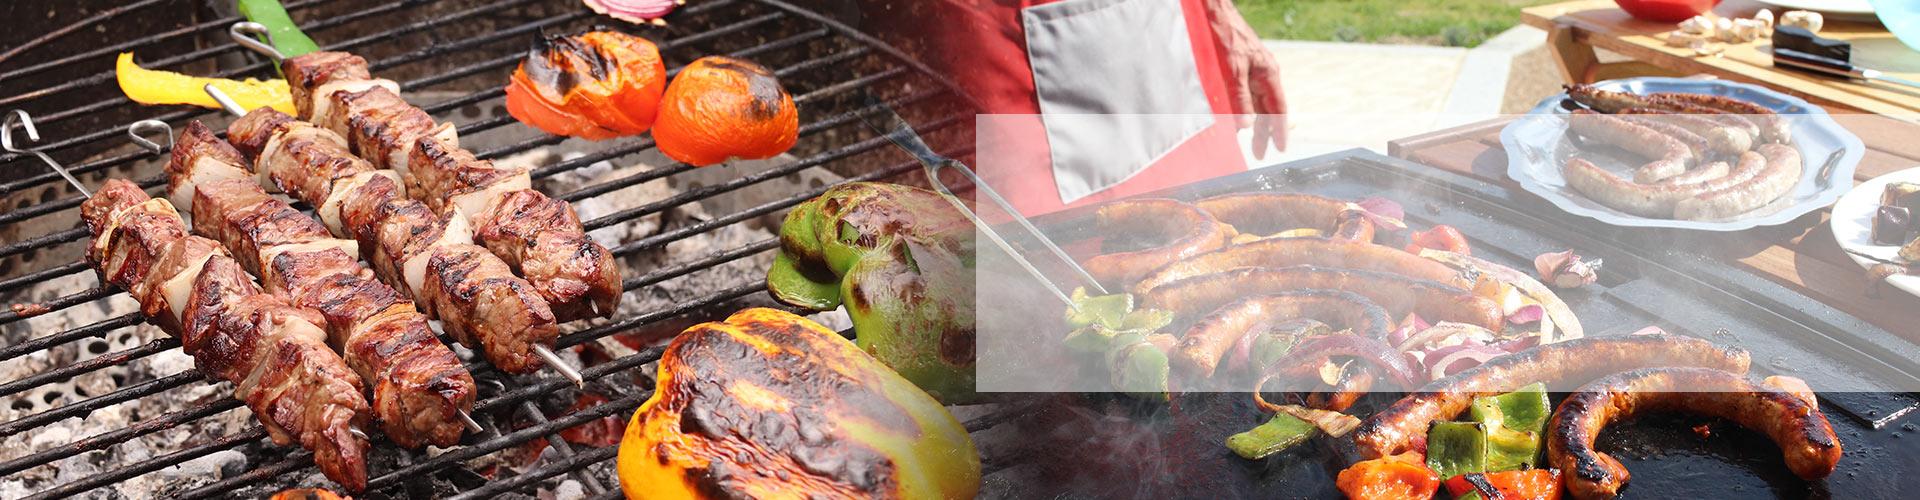 Barbecue e griglie